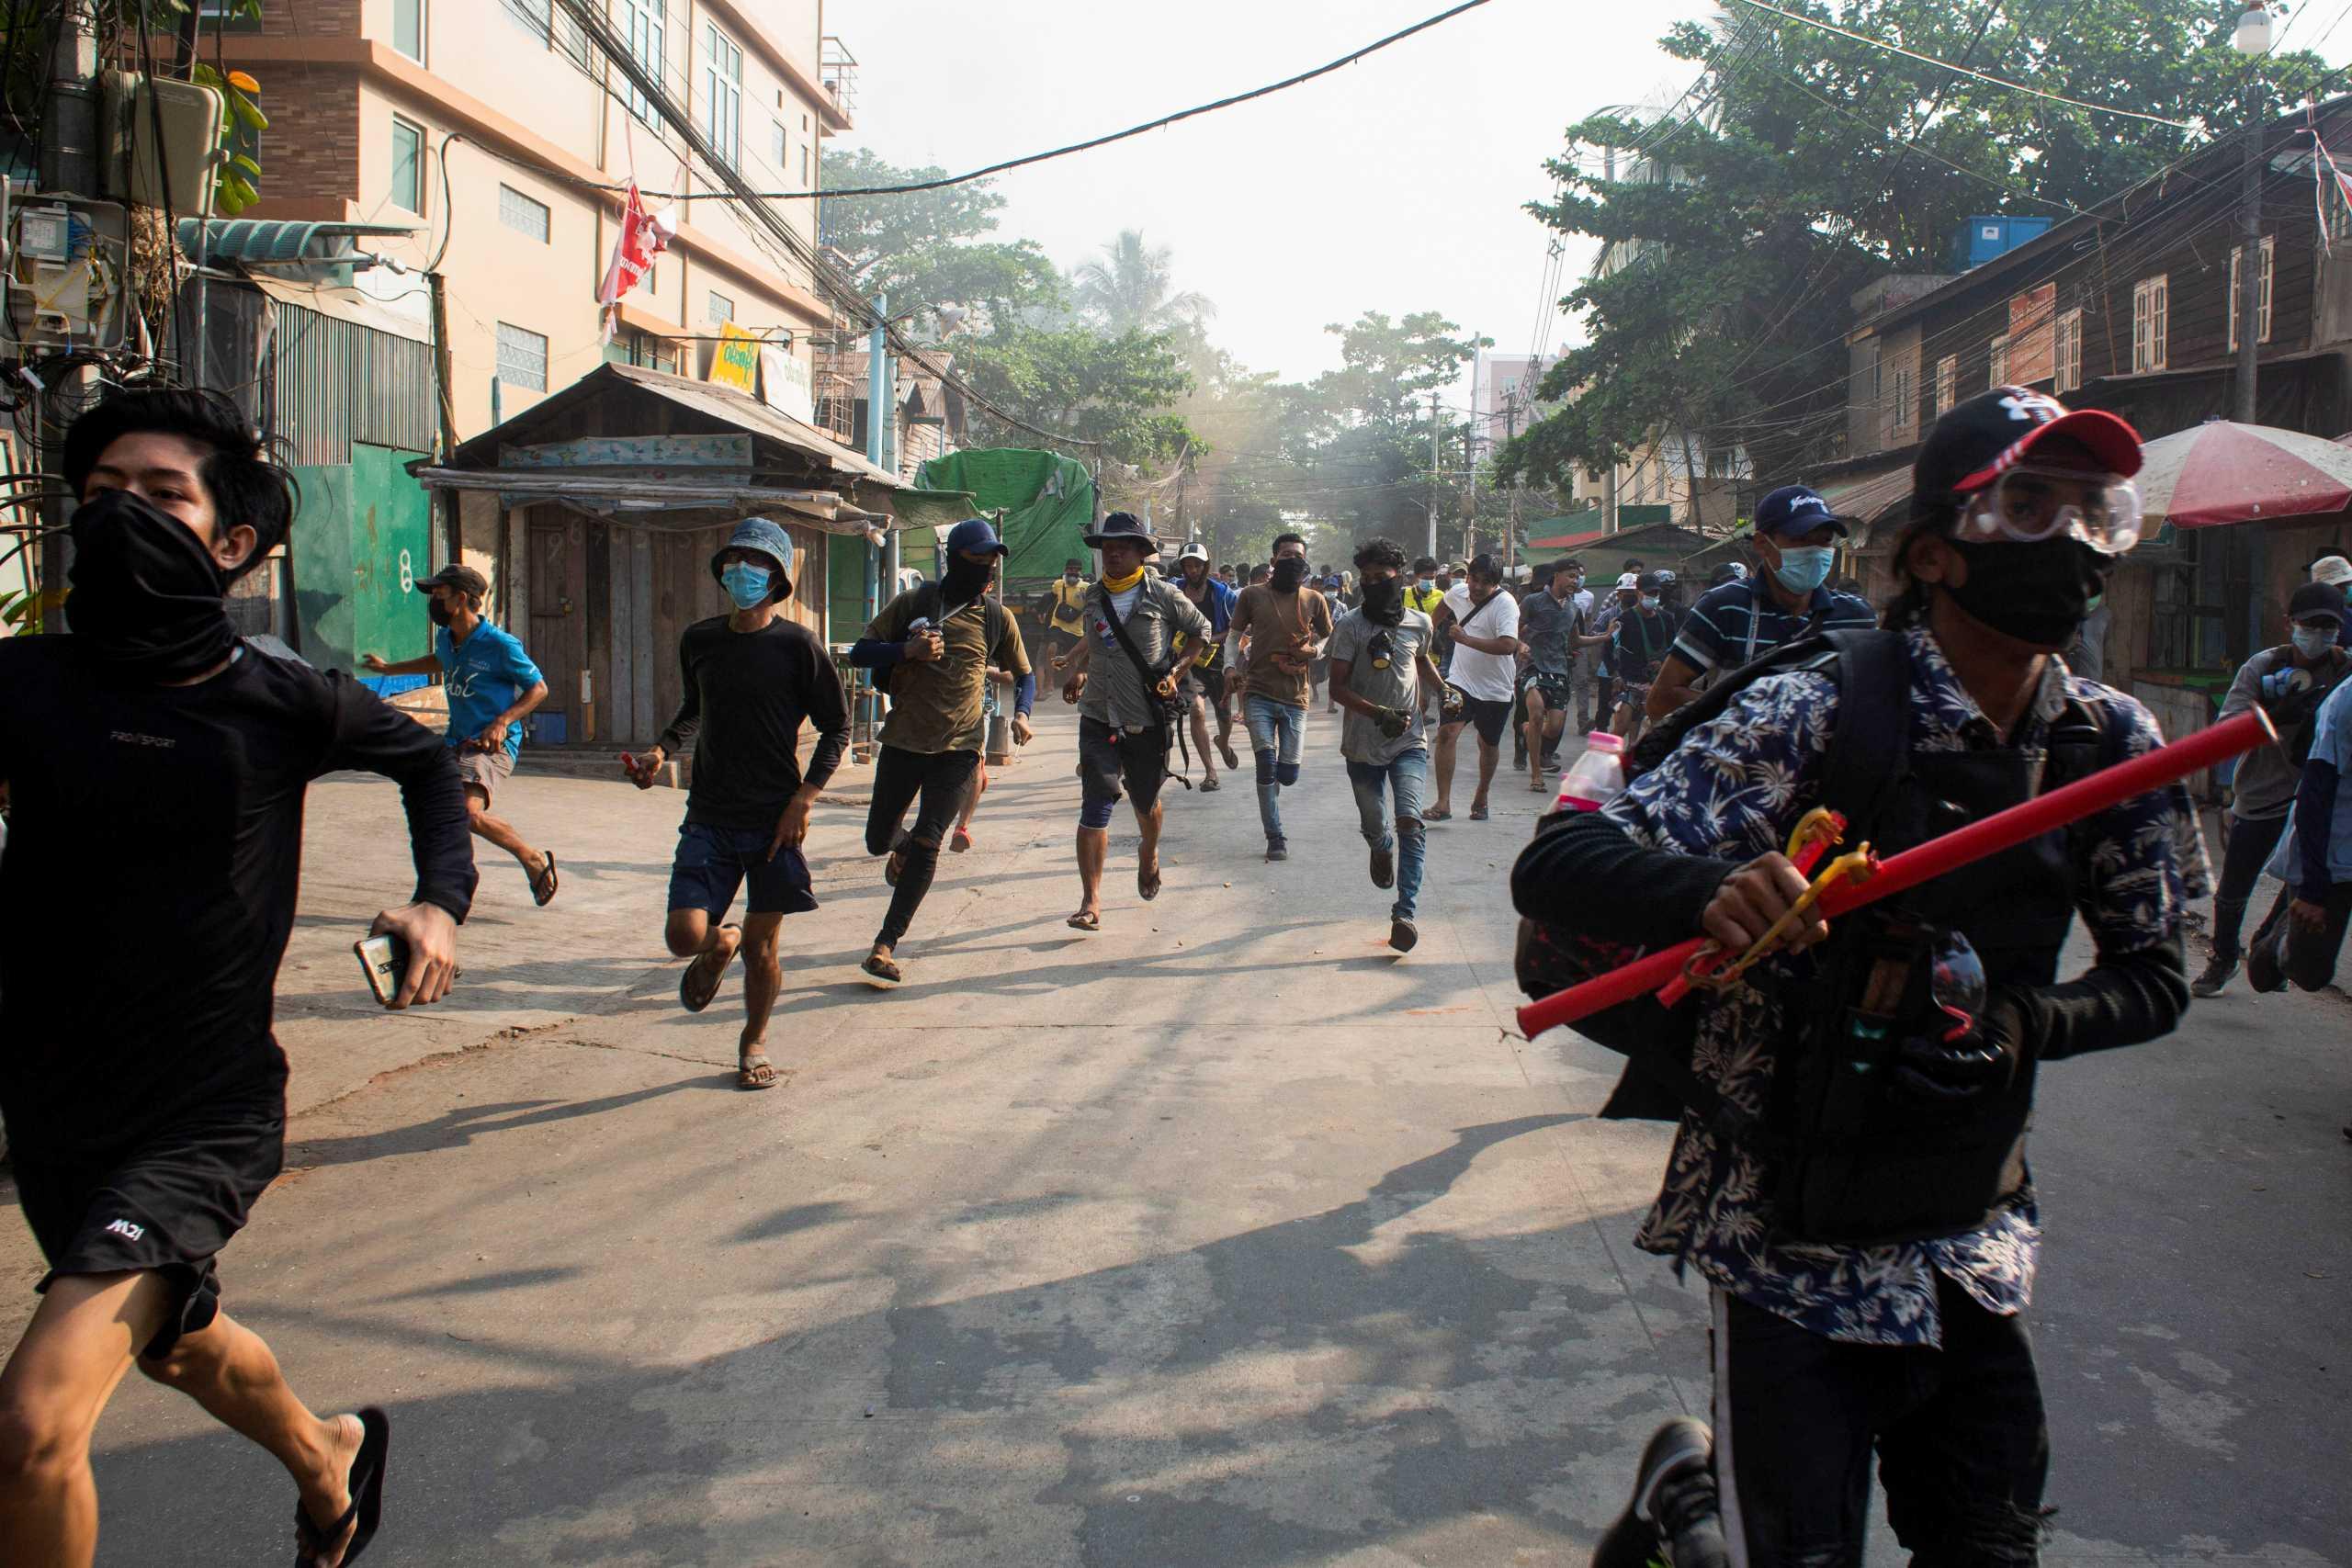 Πραξικόπημα στην Μιανμάρ: «Εμφύλιο πόλεμο» φοβάται ο ΟΗΕ – Η Κίνα αποκλείει κυρώσεις (pics, vids)